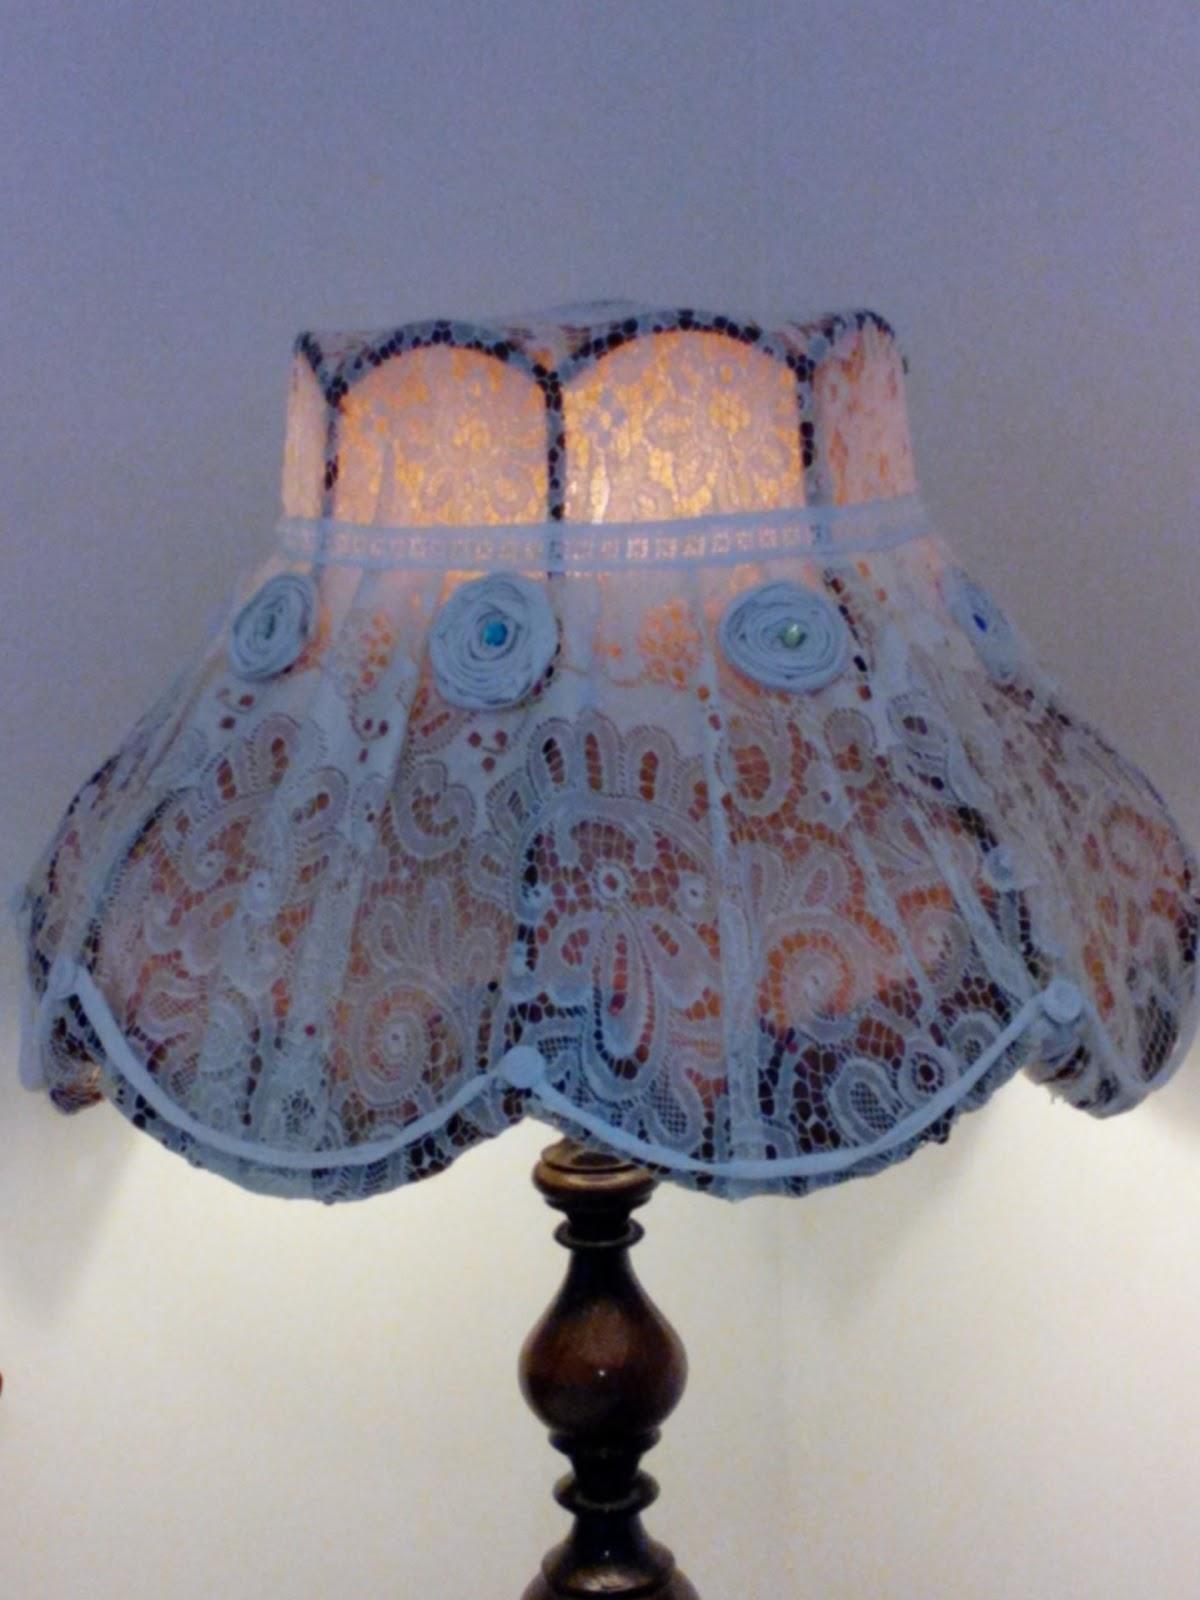 koko kokoelma uskomattomia hintoja säästää Diy MaaritA: Uudelleen päällystetty lampunvarjostin